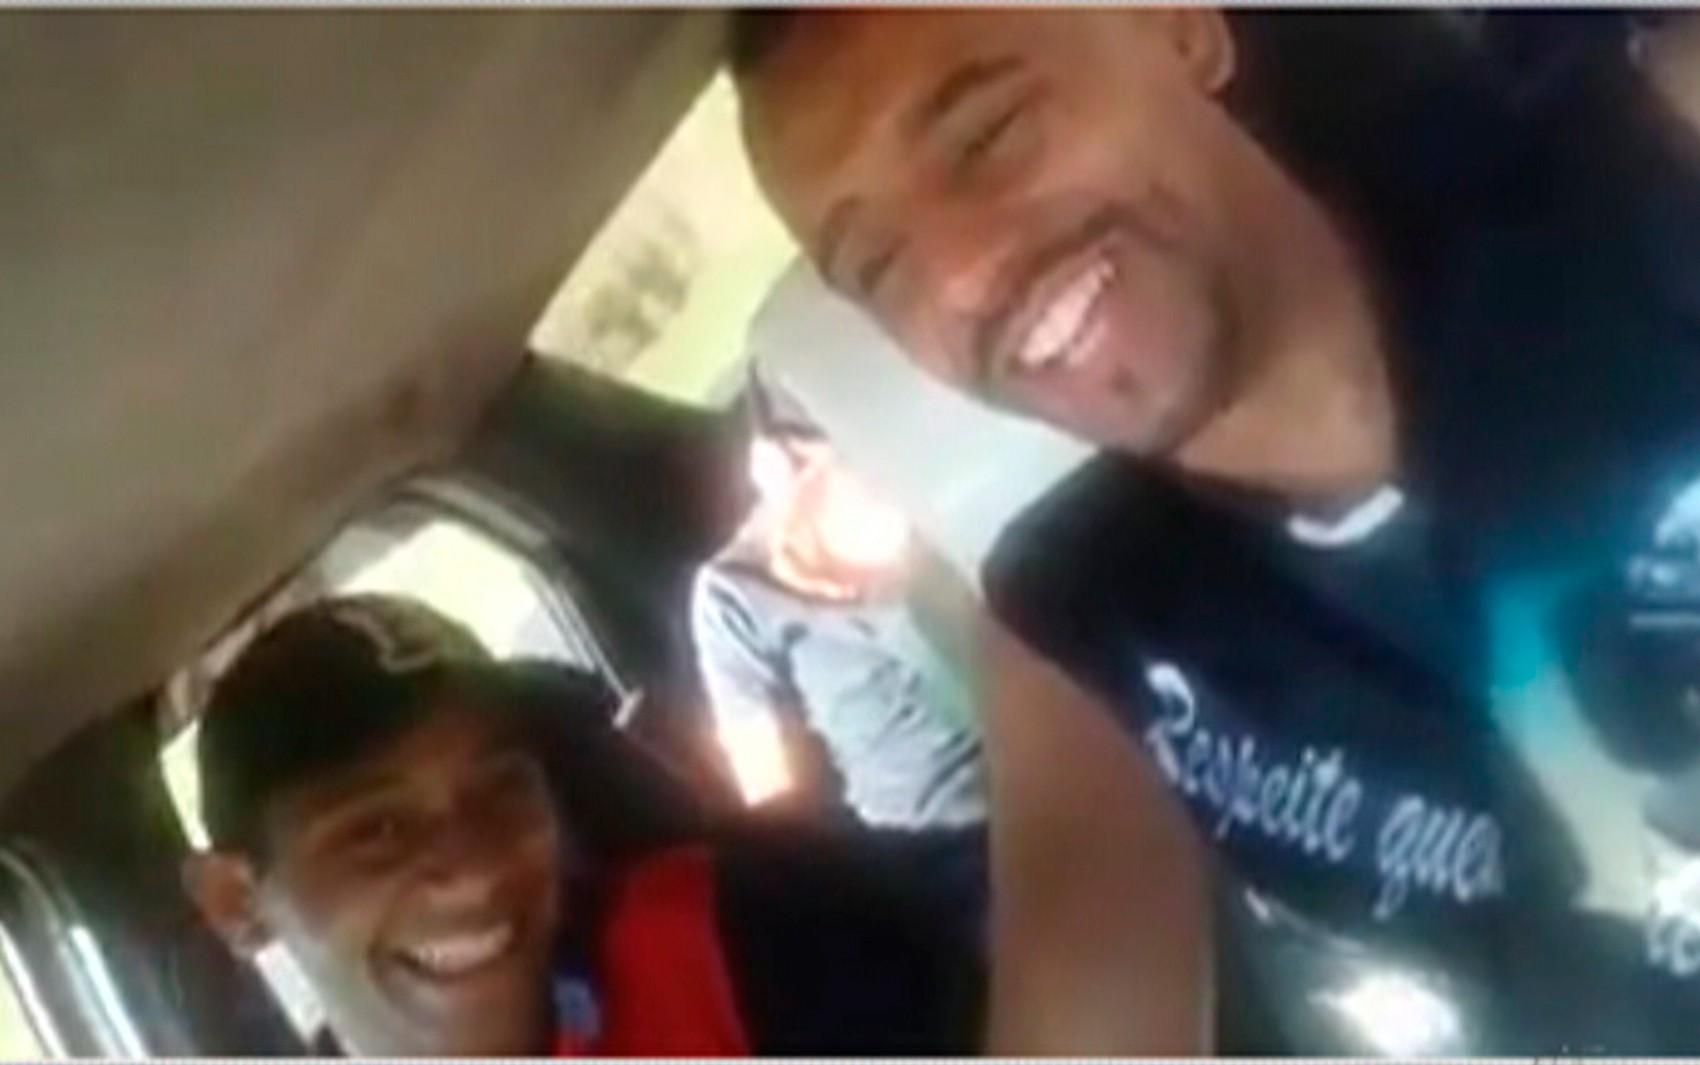 Vídeo pode ajudar Delegacia de Homicídios de Mogi das Cruzes na investigação de tiroteio em posto em Itaquaquecetuba; veja vídeo - Notícias - Plantão Diário